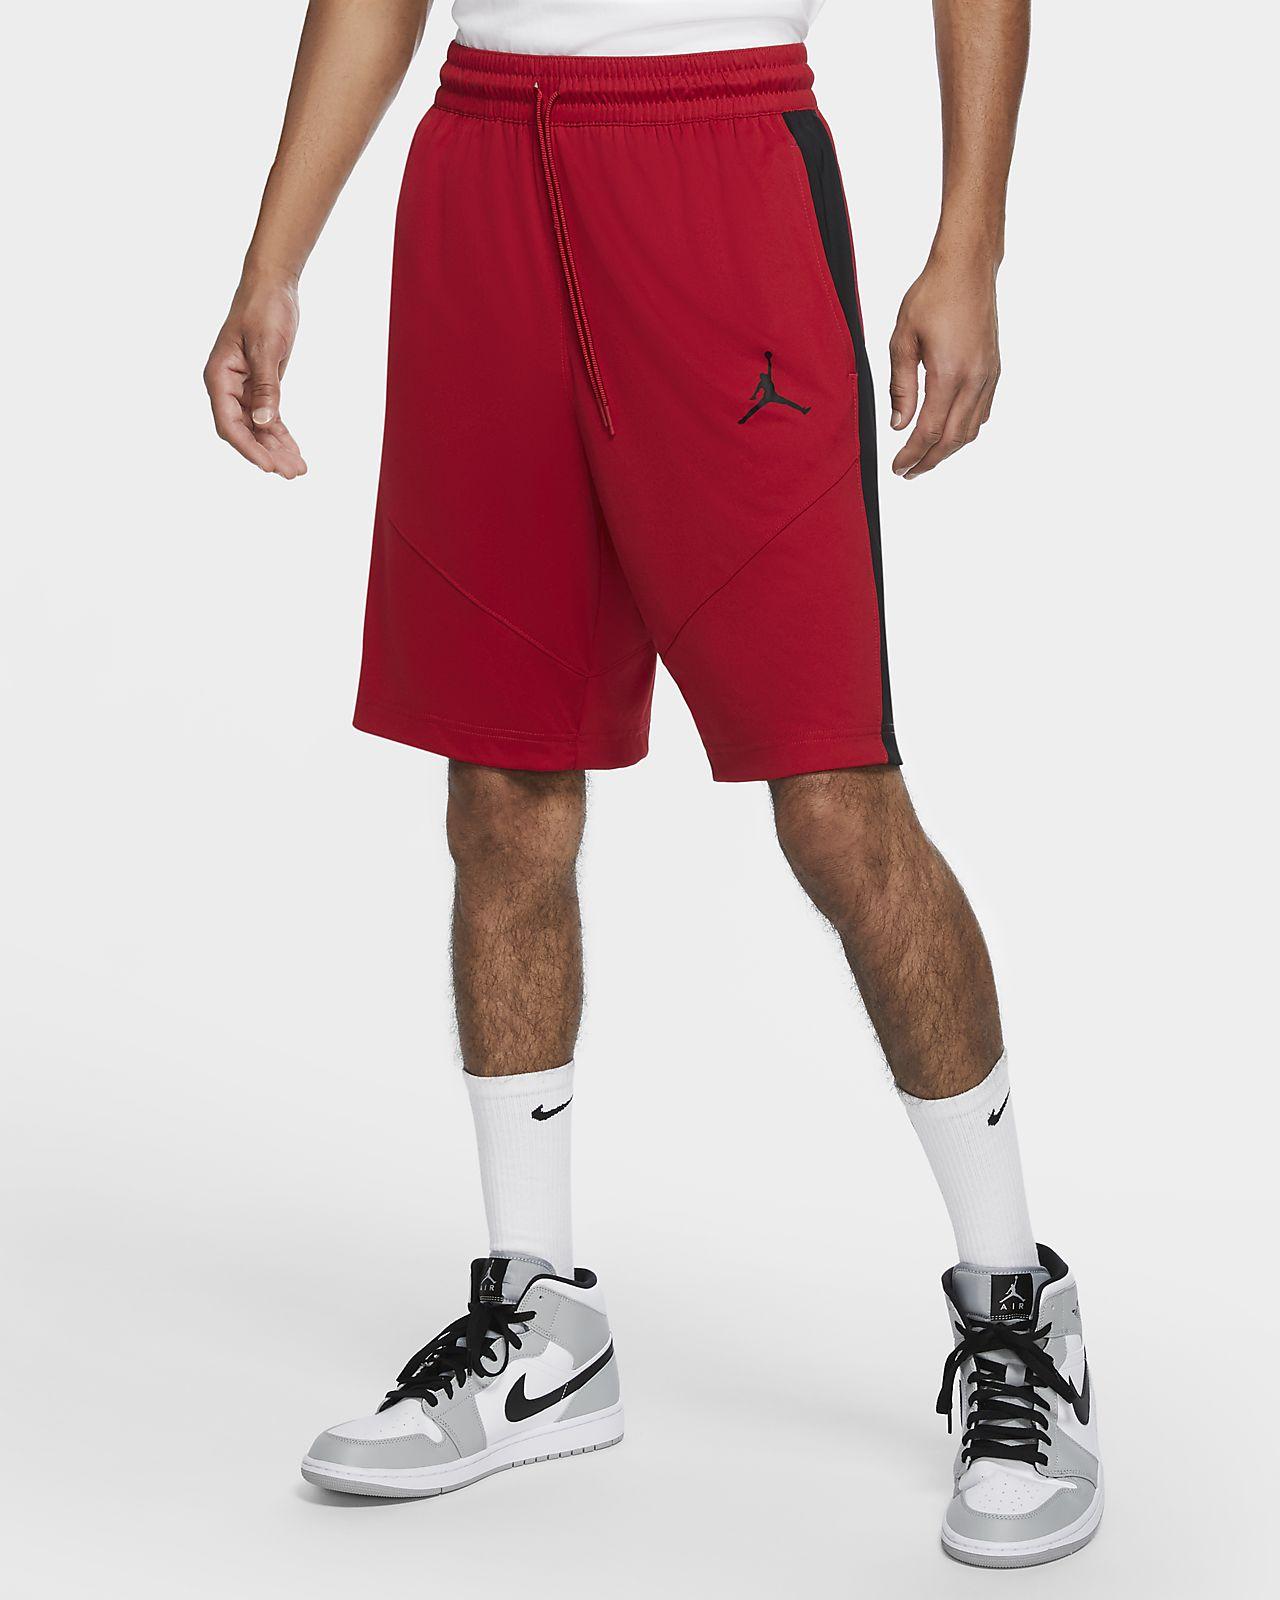 กางเกงบาสเก็ตบอลขาสั้นผู้ชาย Jordan Jumpman